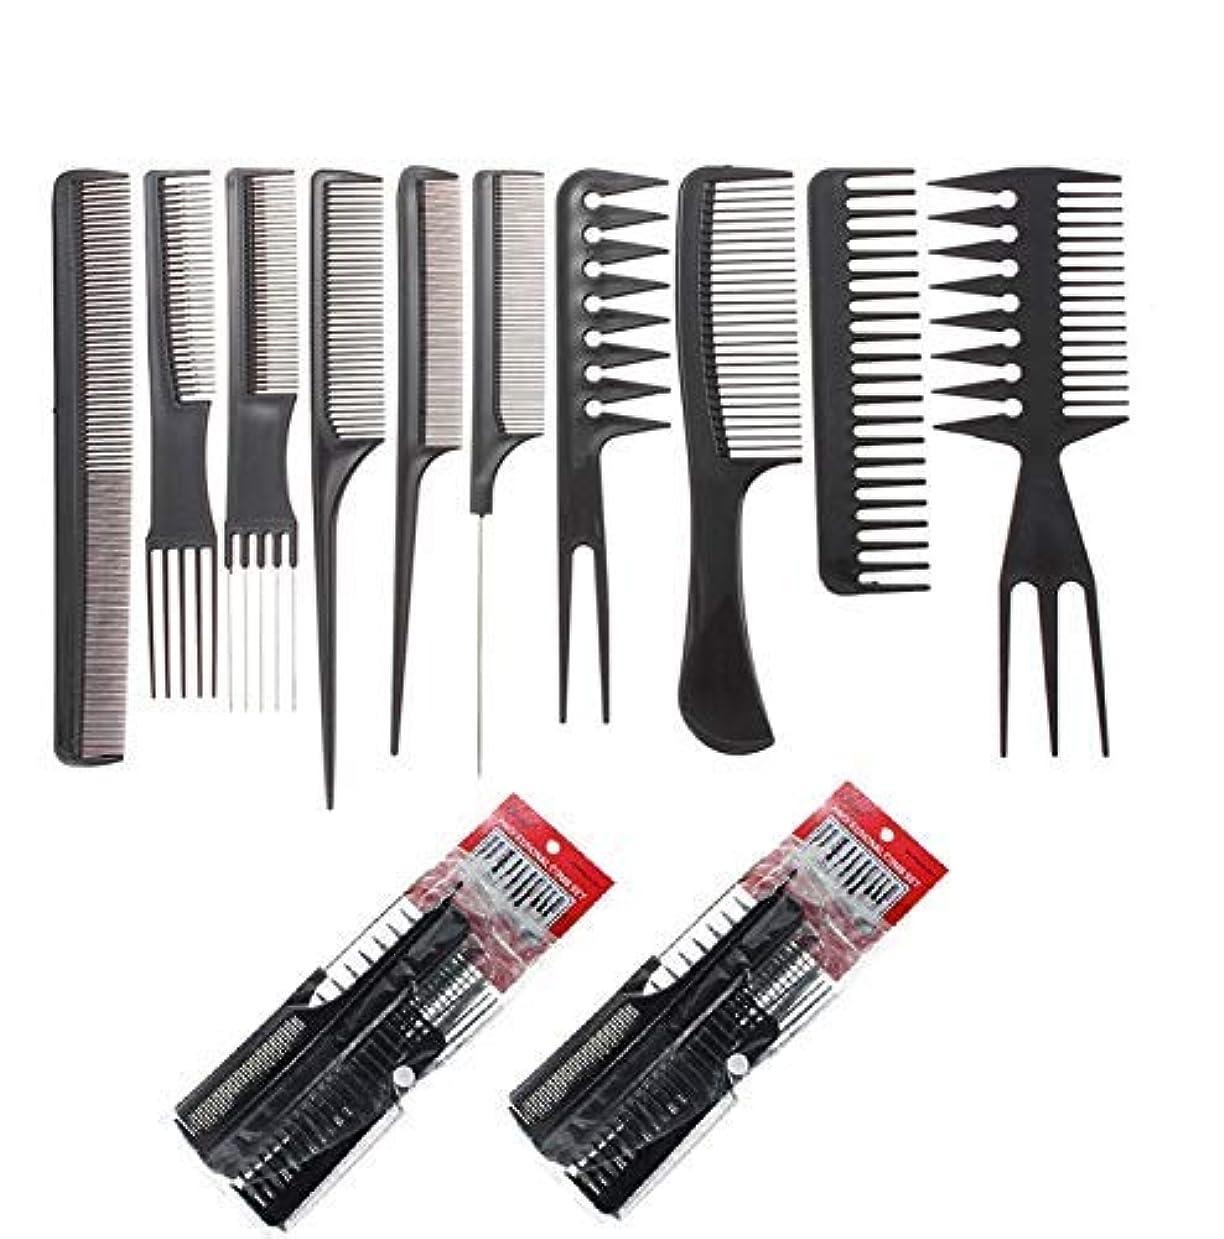 下に向けます魔術浸漬SBYURE 20pcs Professional Styling Comb Set,10pcs/Set,2 Set Salon Hairdressing Combs Hair Care Styling Tools Hair...